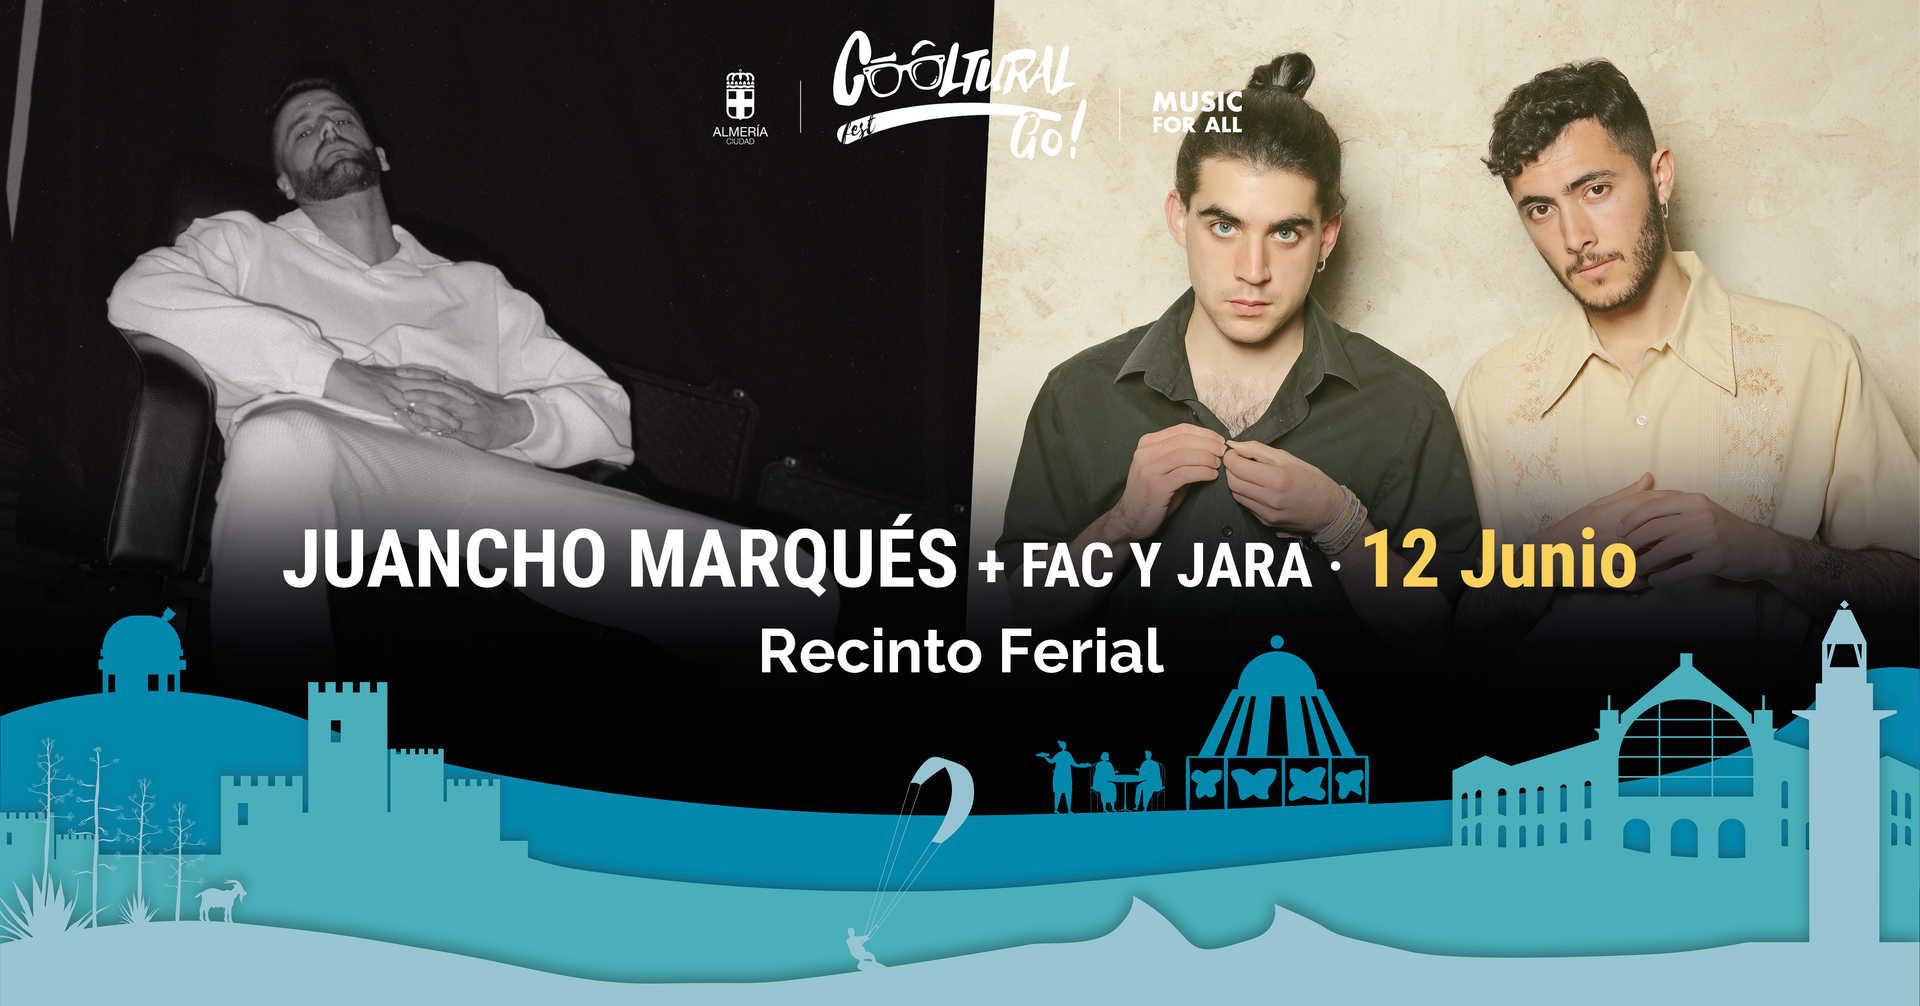 Juancho Marqués y Fac y Jara